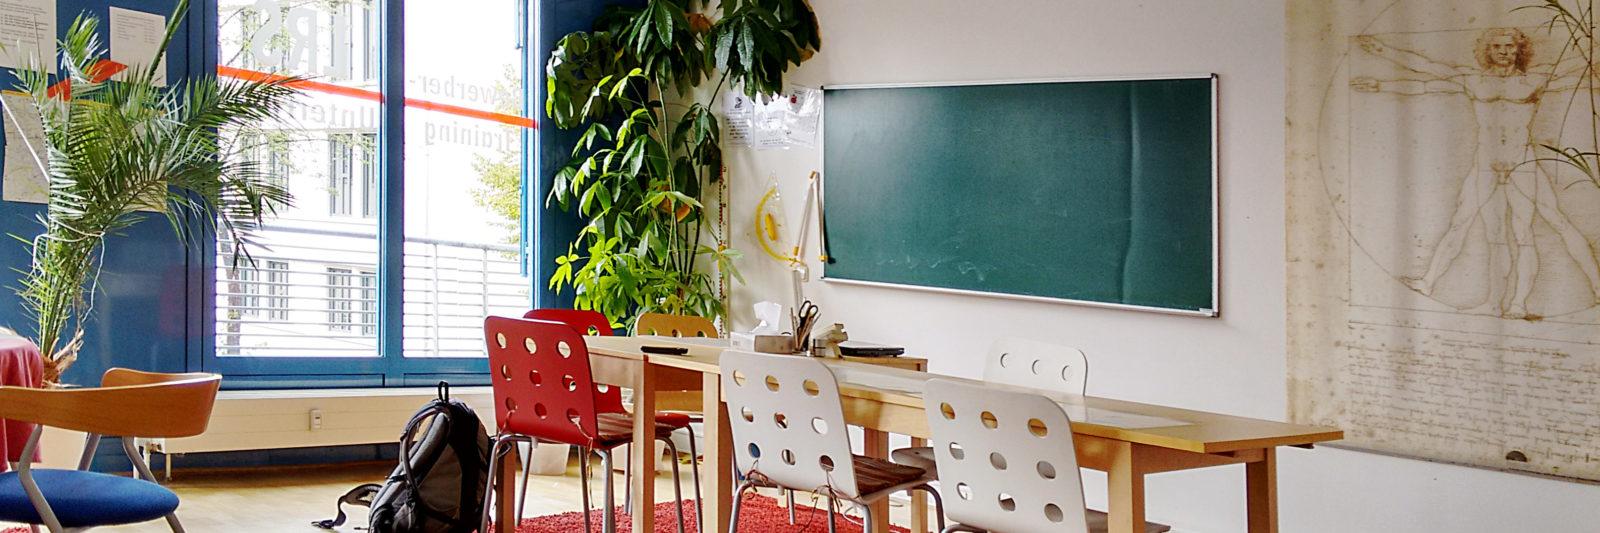 Lerntherapie-Raum der Alpha Lernhilfe in der Johannstadt Dresden